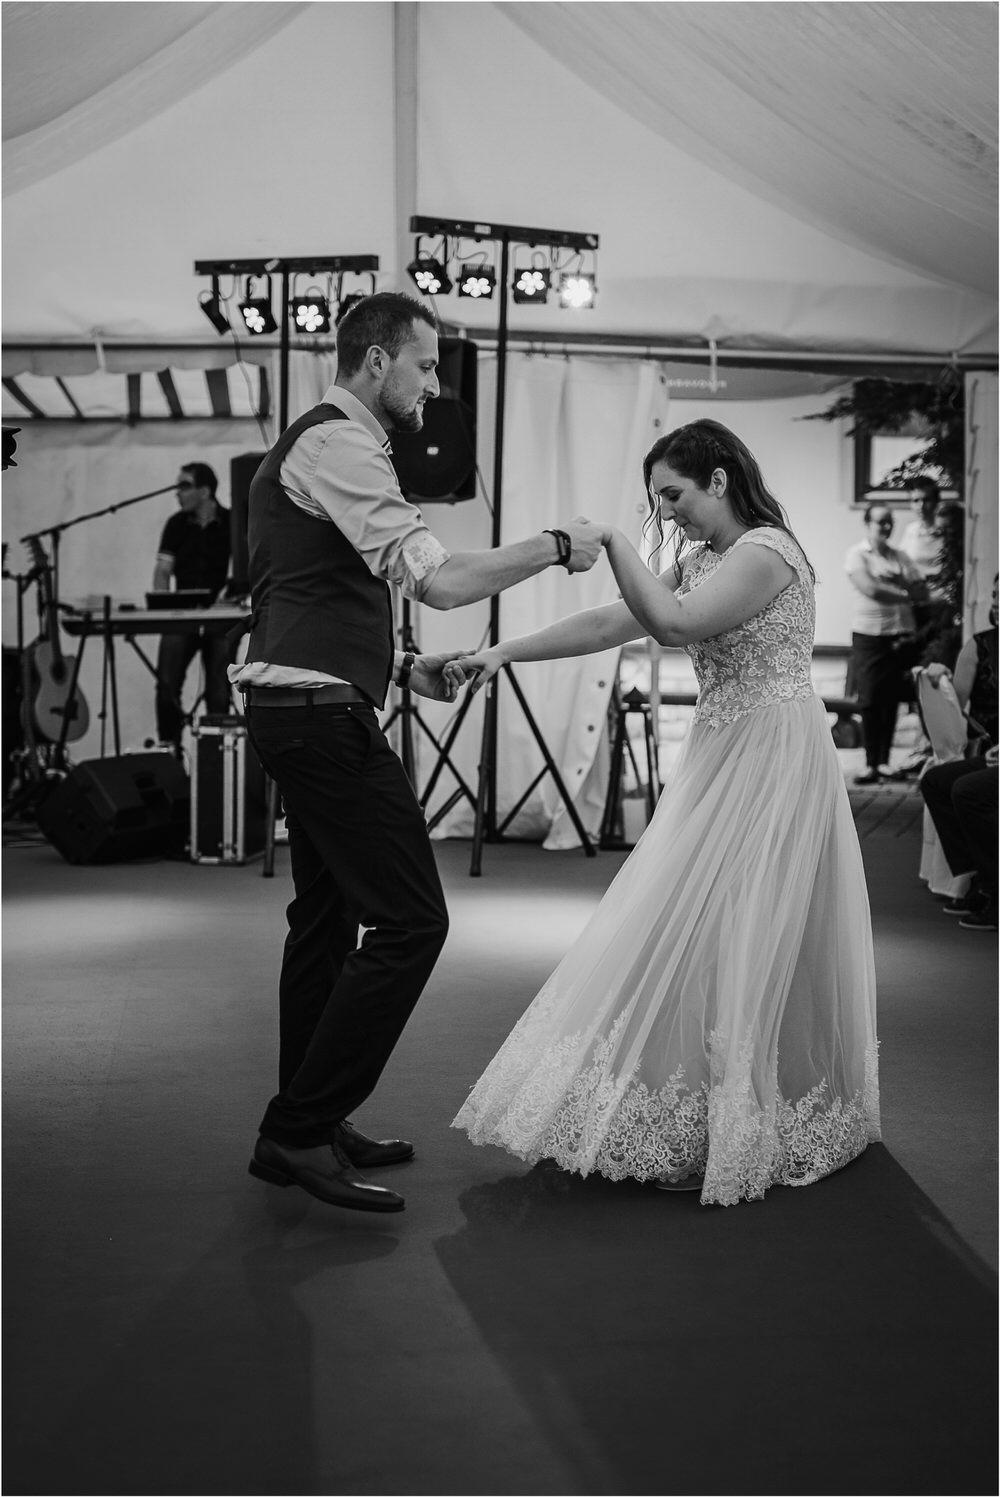 goriska brda poroka fotgorafija fotograf fotografiranje porocno kras primorska obala romanticna boho poroka rustikalna nika grega 0085.jpg